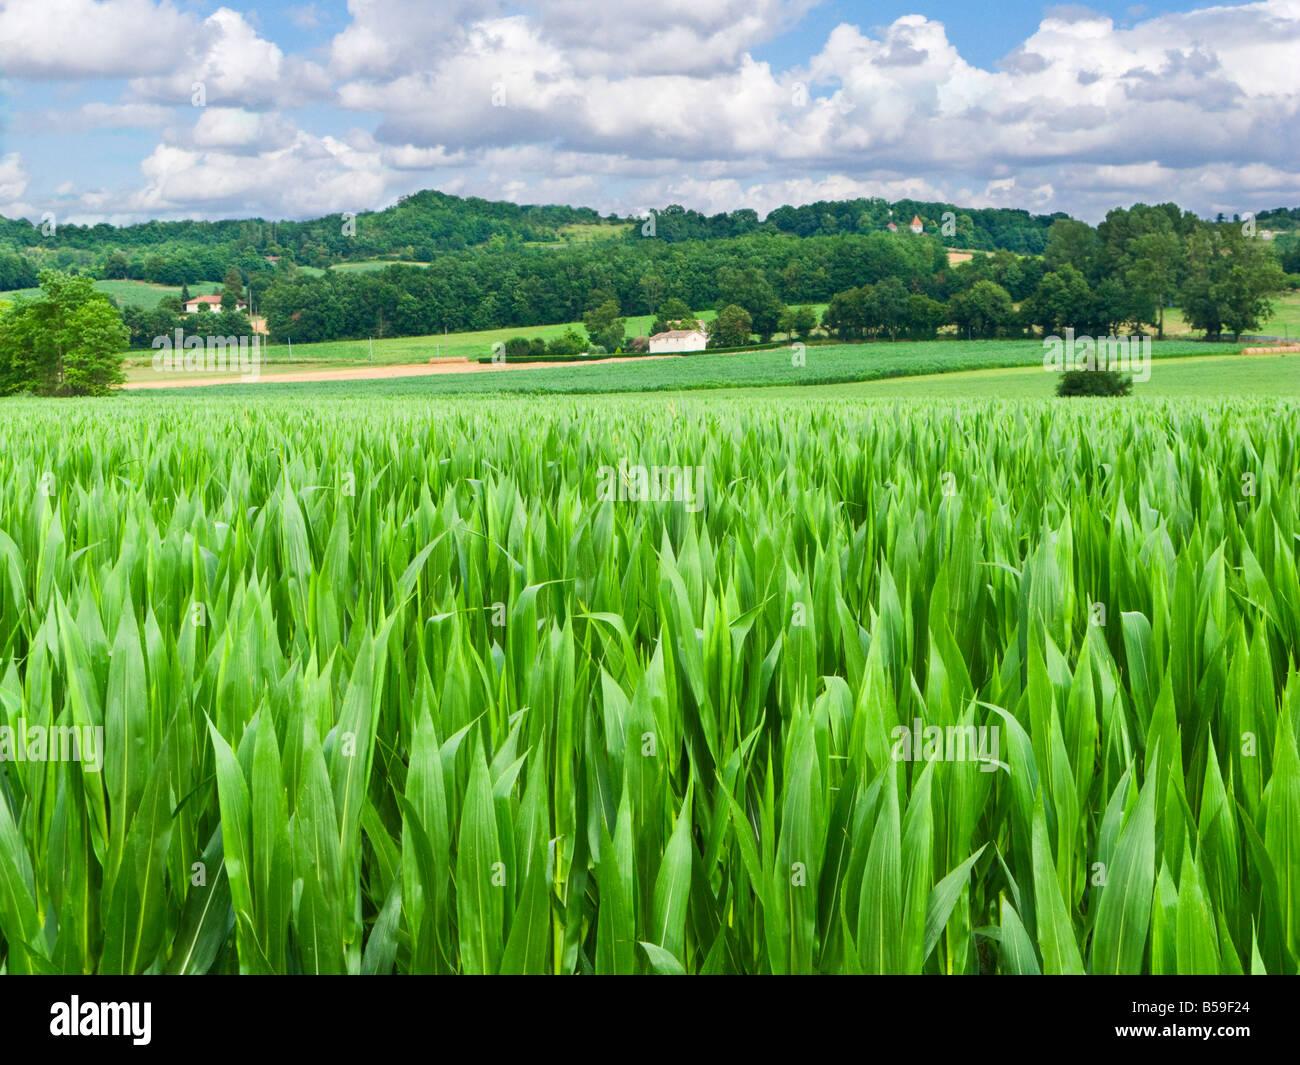 Campo de maíz en la agricultura tierras en Tarn et Garonne, en el sur de Francia, Europa Imagen De Stock